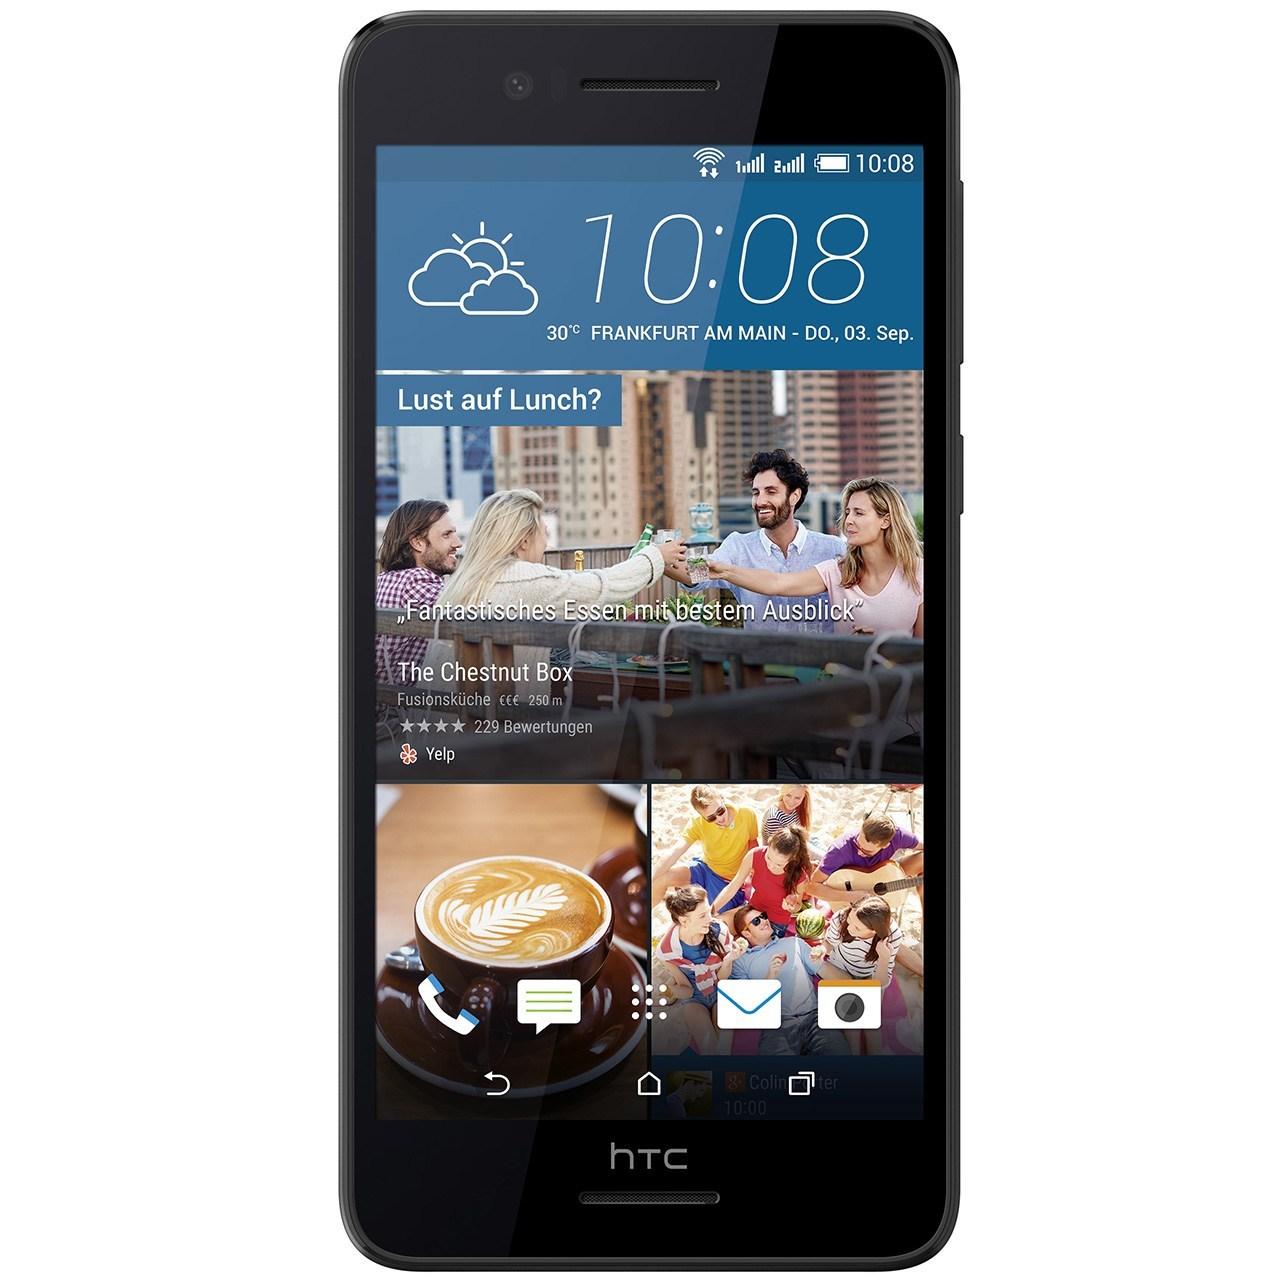 خرید گوشی موبایل اچ تی سی مدل Desire 728 4G دو سیم کارت 16 گیگابایت